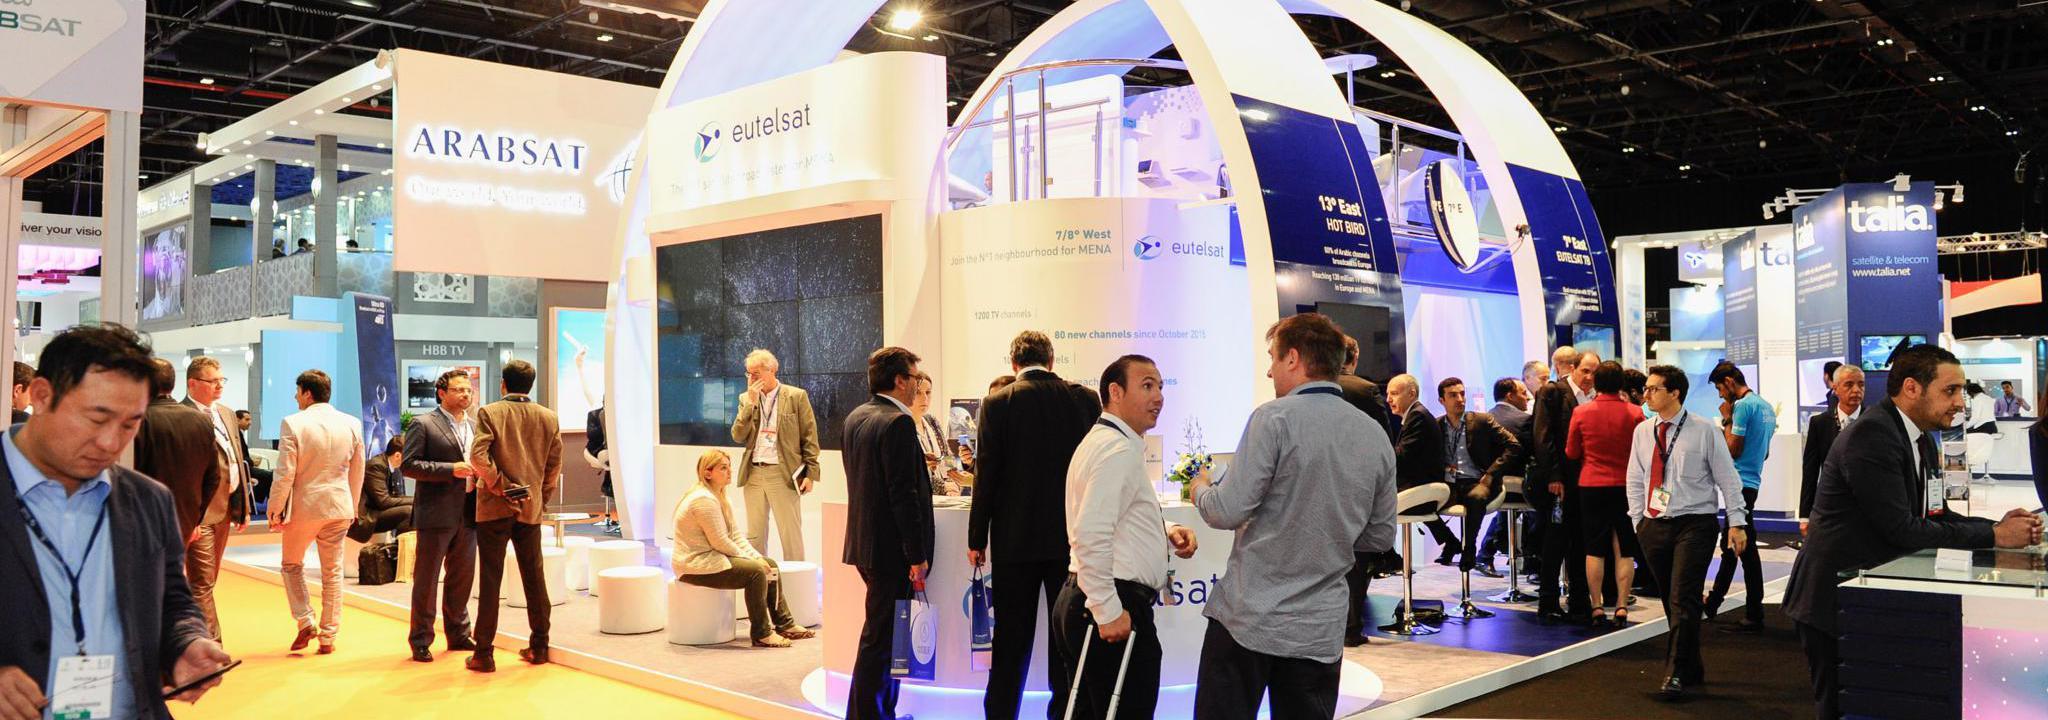 Cabsat Dubai Broadcasting Exhibition